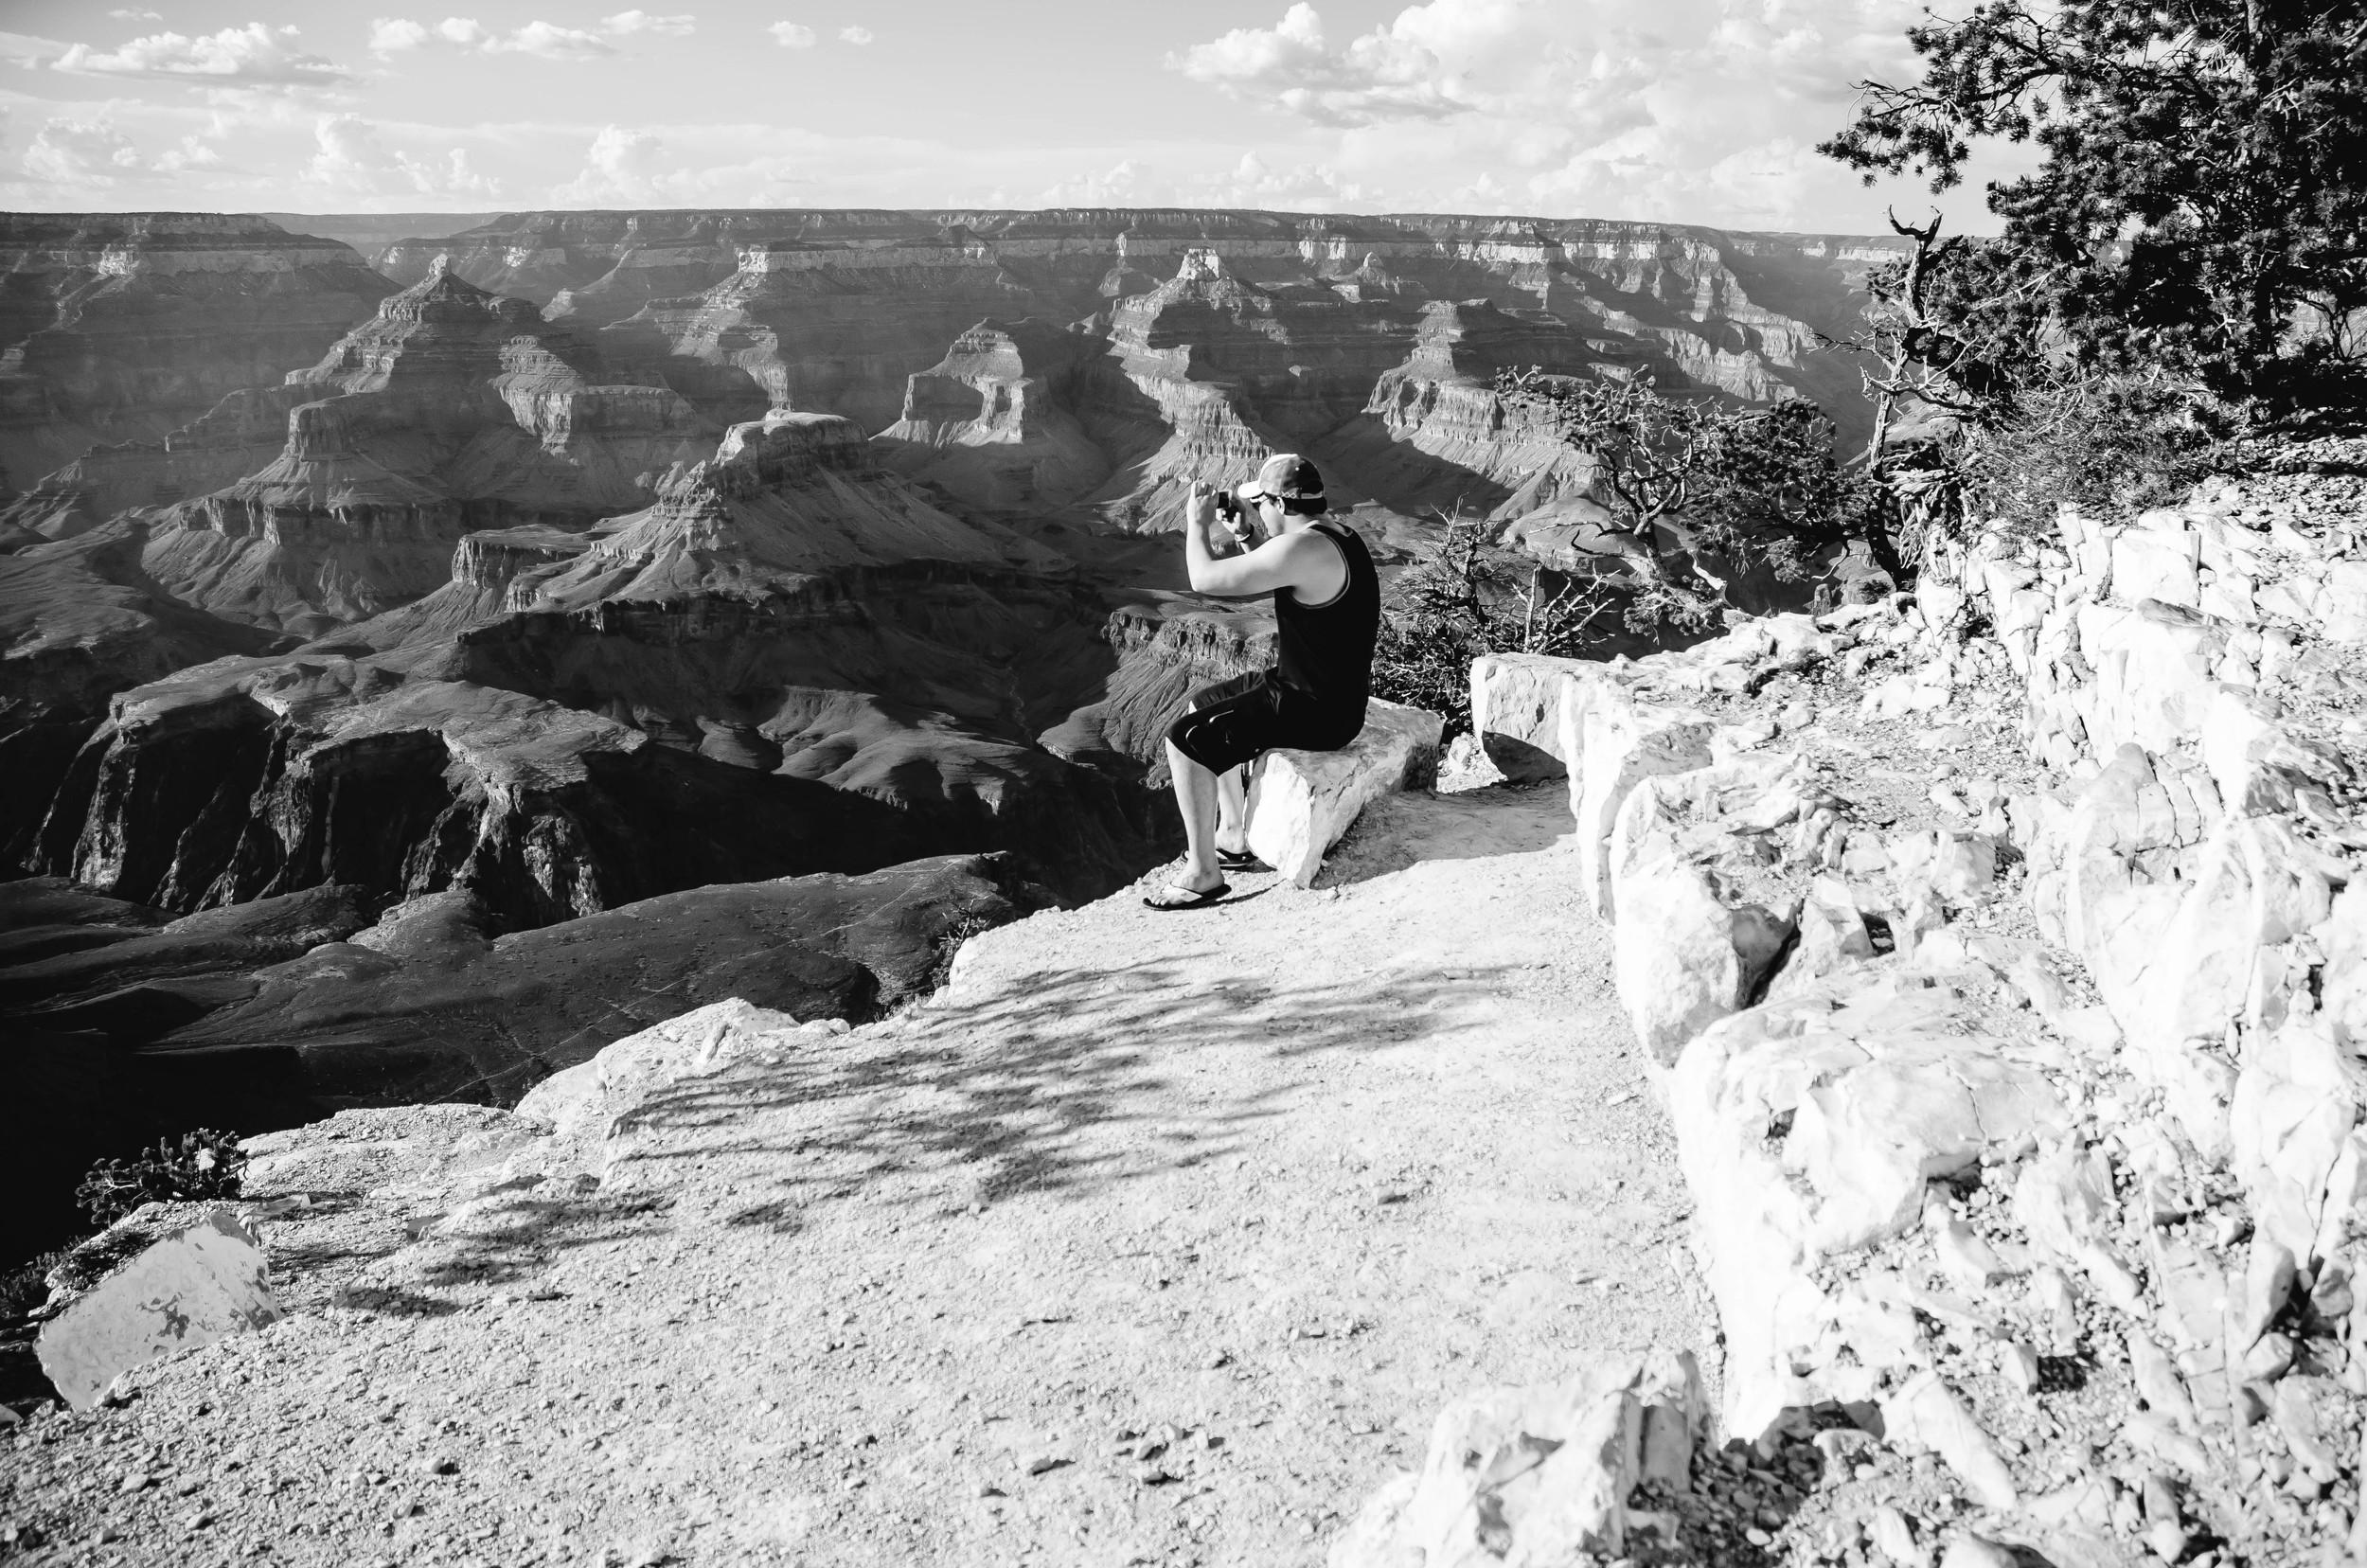 goOse taking Photo Grand Canyon_.jpg